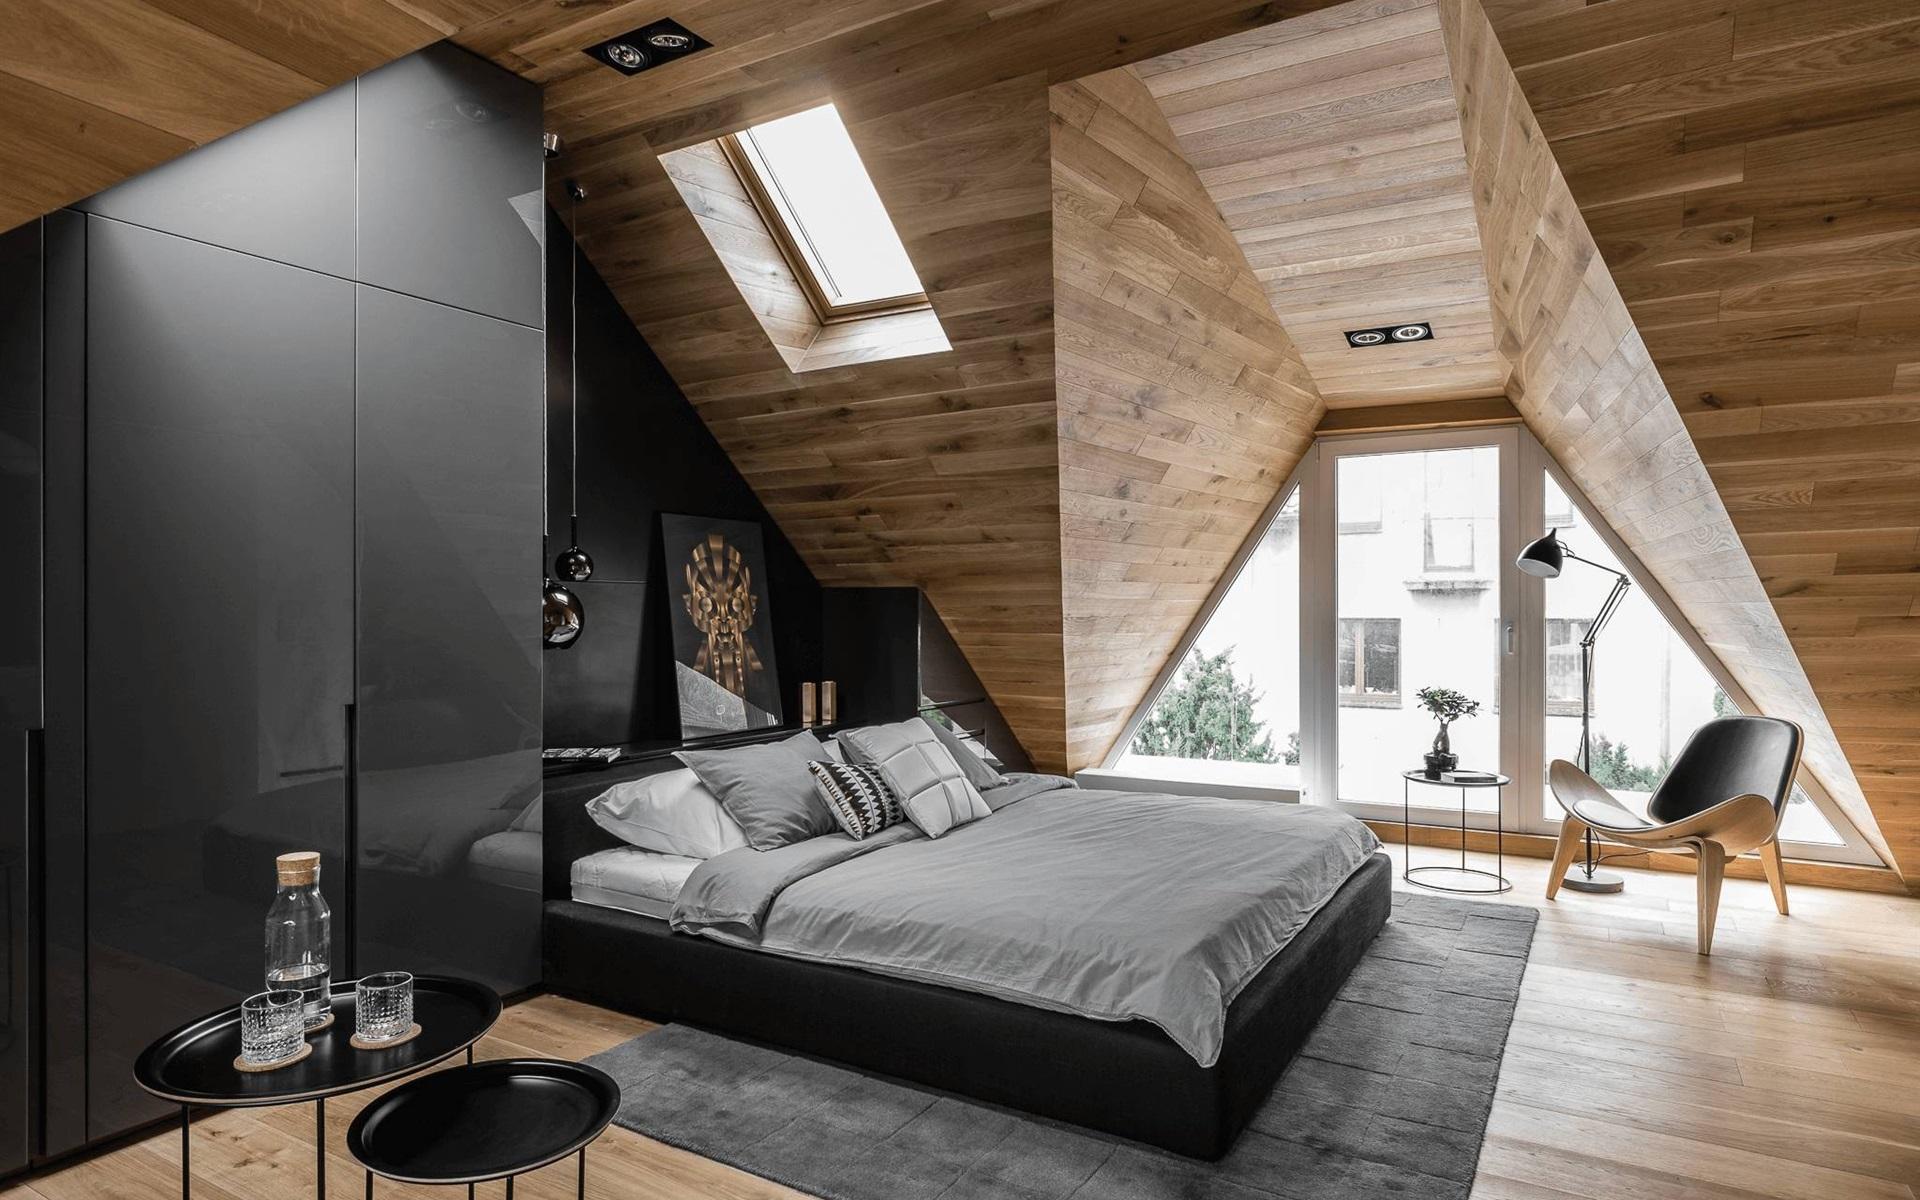 壁紙 屋根裏部屋の寝室 椅子 ベッド 窓 1920x1200 Hd 無料の